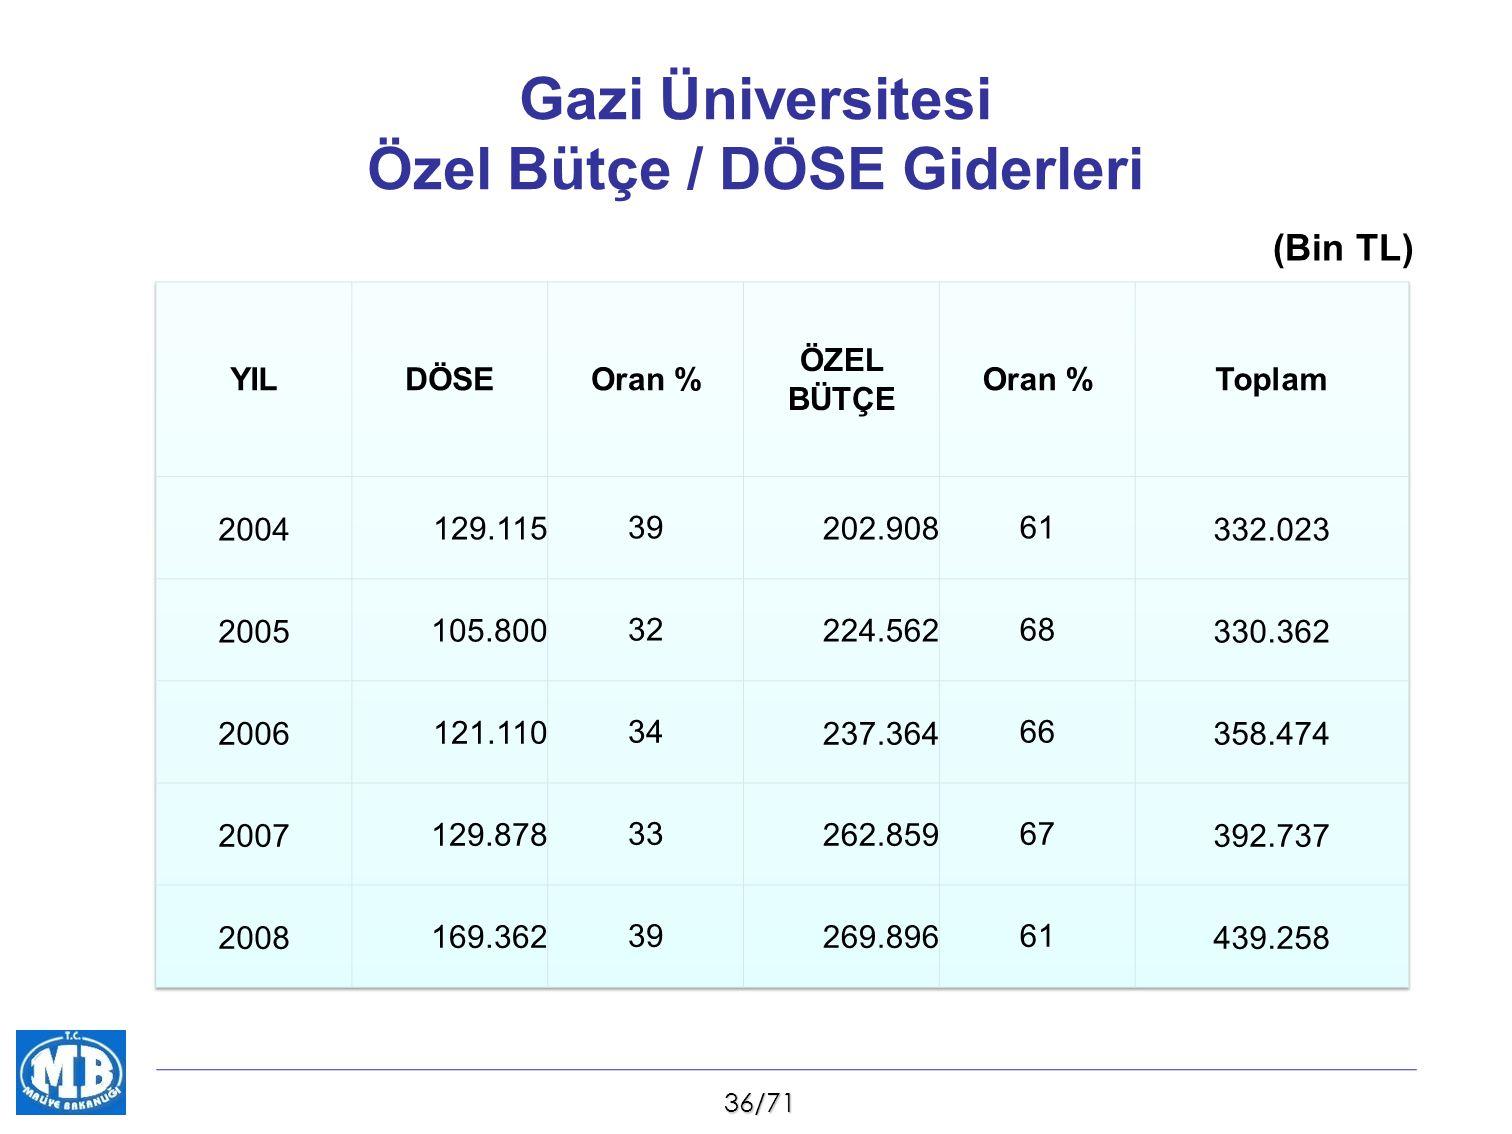 36/71 Gazi Üniversitesi Özel Bütçe / DÖSE Giderleri (Bin TL)